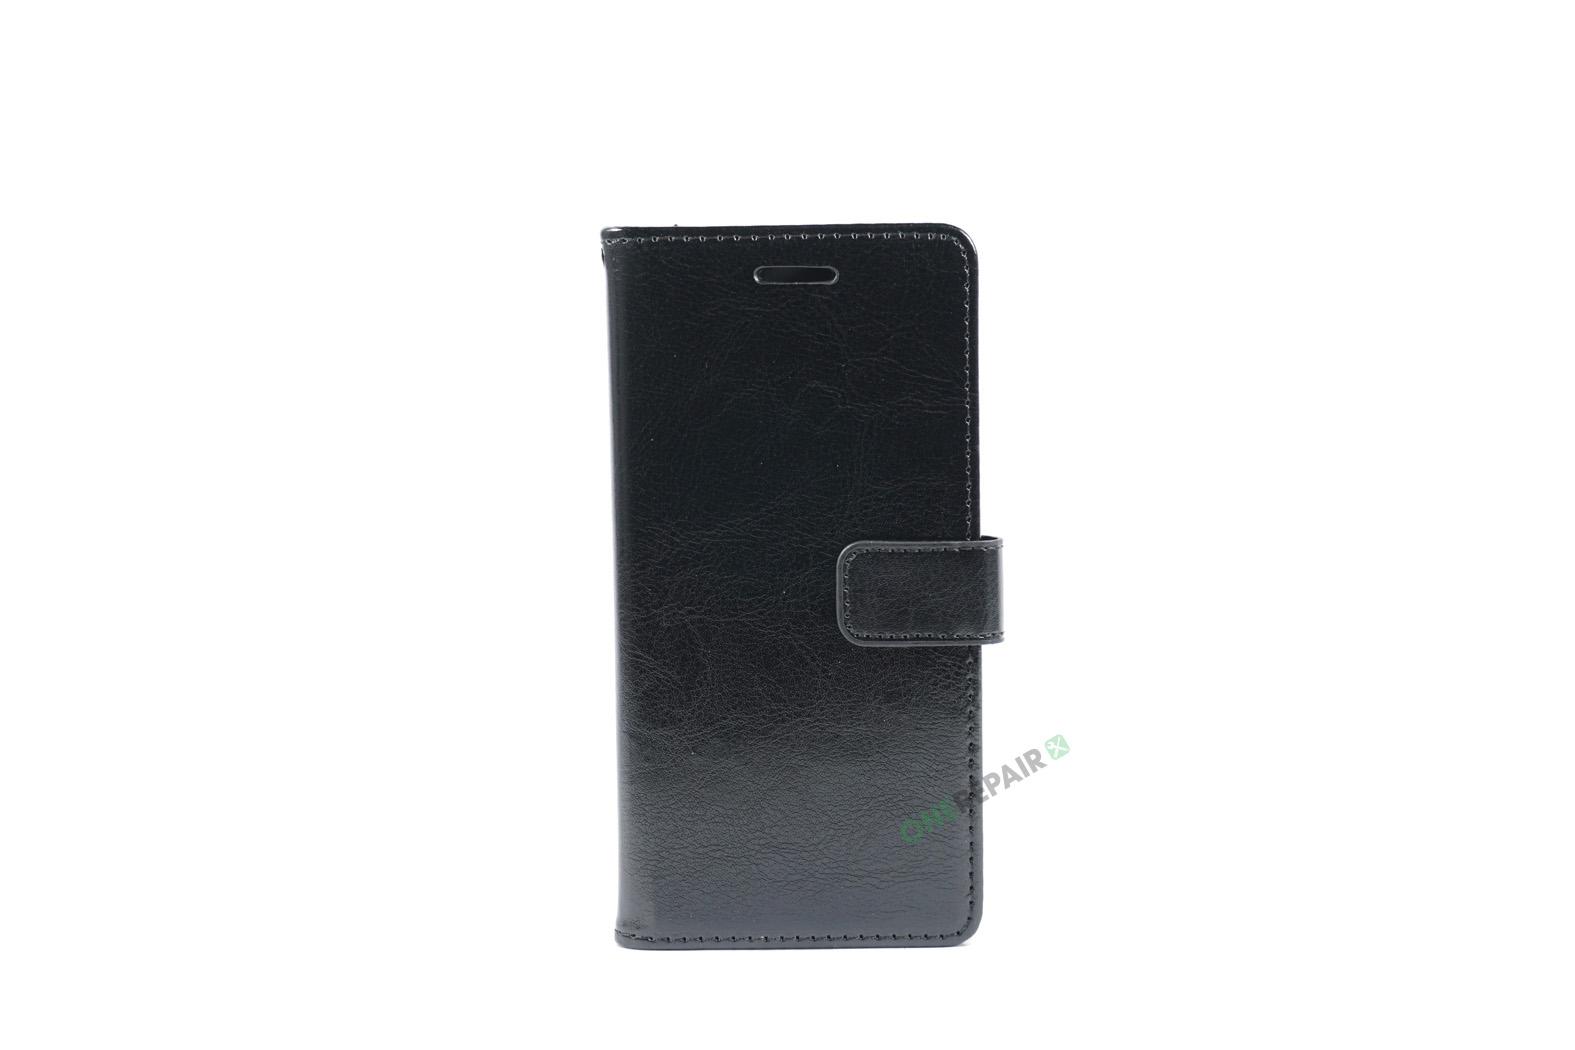 Huawei P10 lite, Flipcover, cover, Plads til kort, Sort